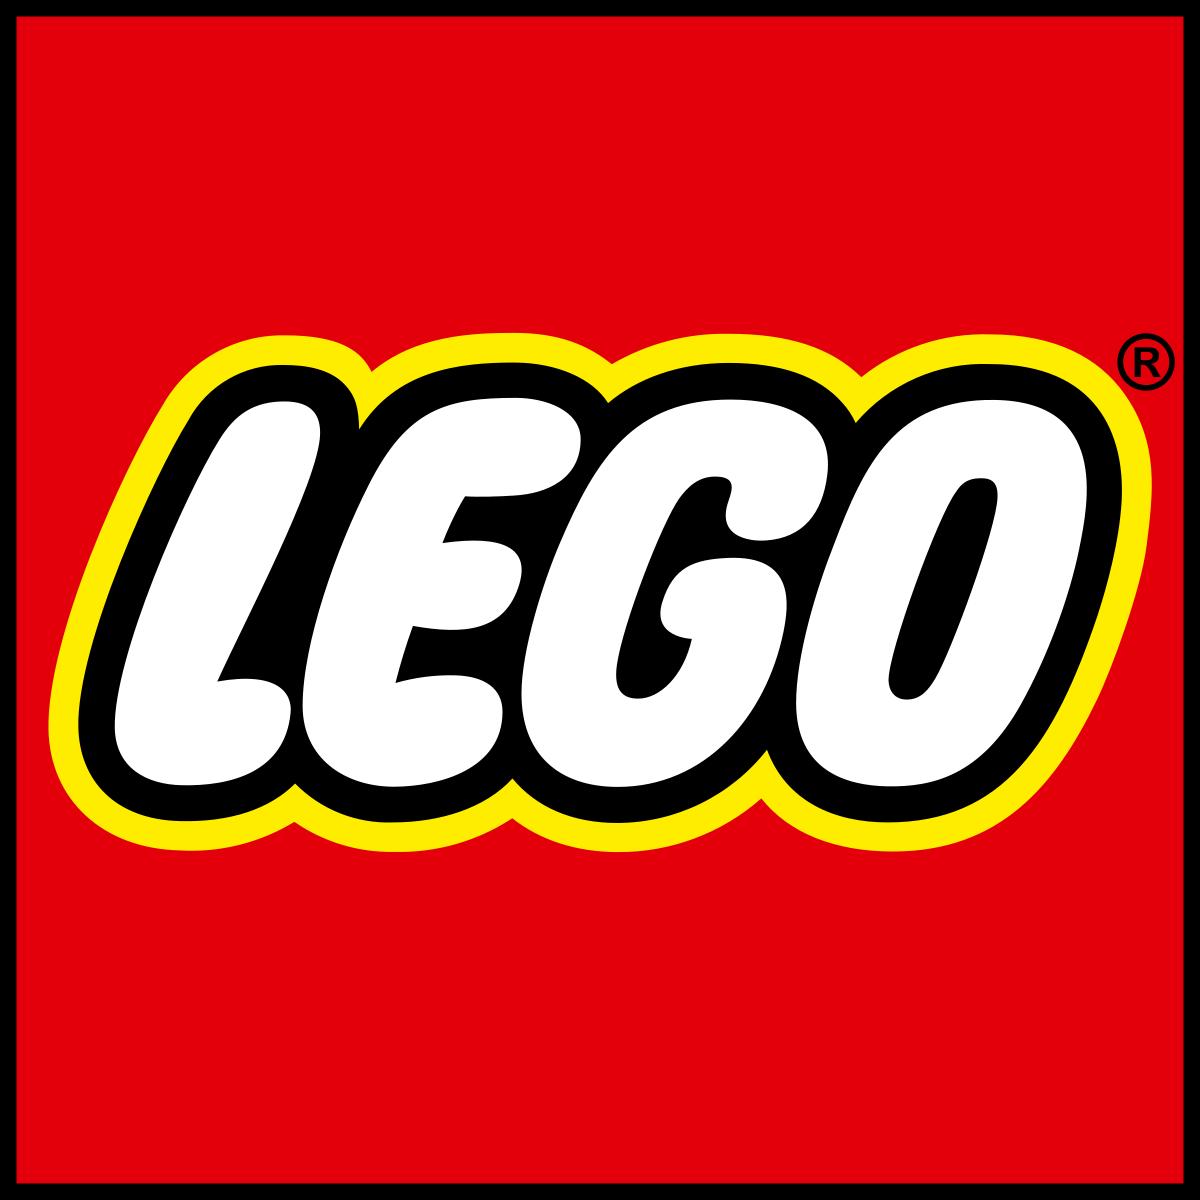 Lego y su innovacion